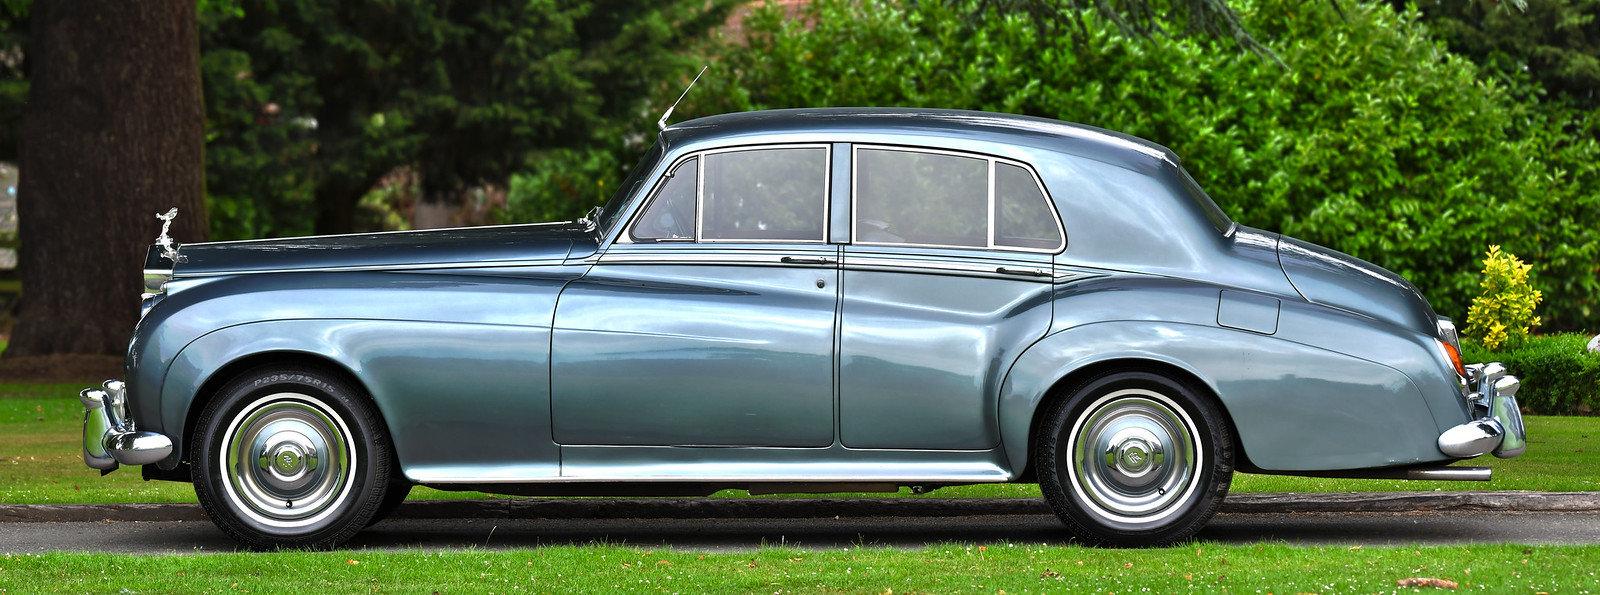 1958 Rolls-Royce Silver Cloud Standard Steel Saloon For Sale (picture 2 of 6)